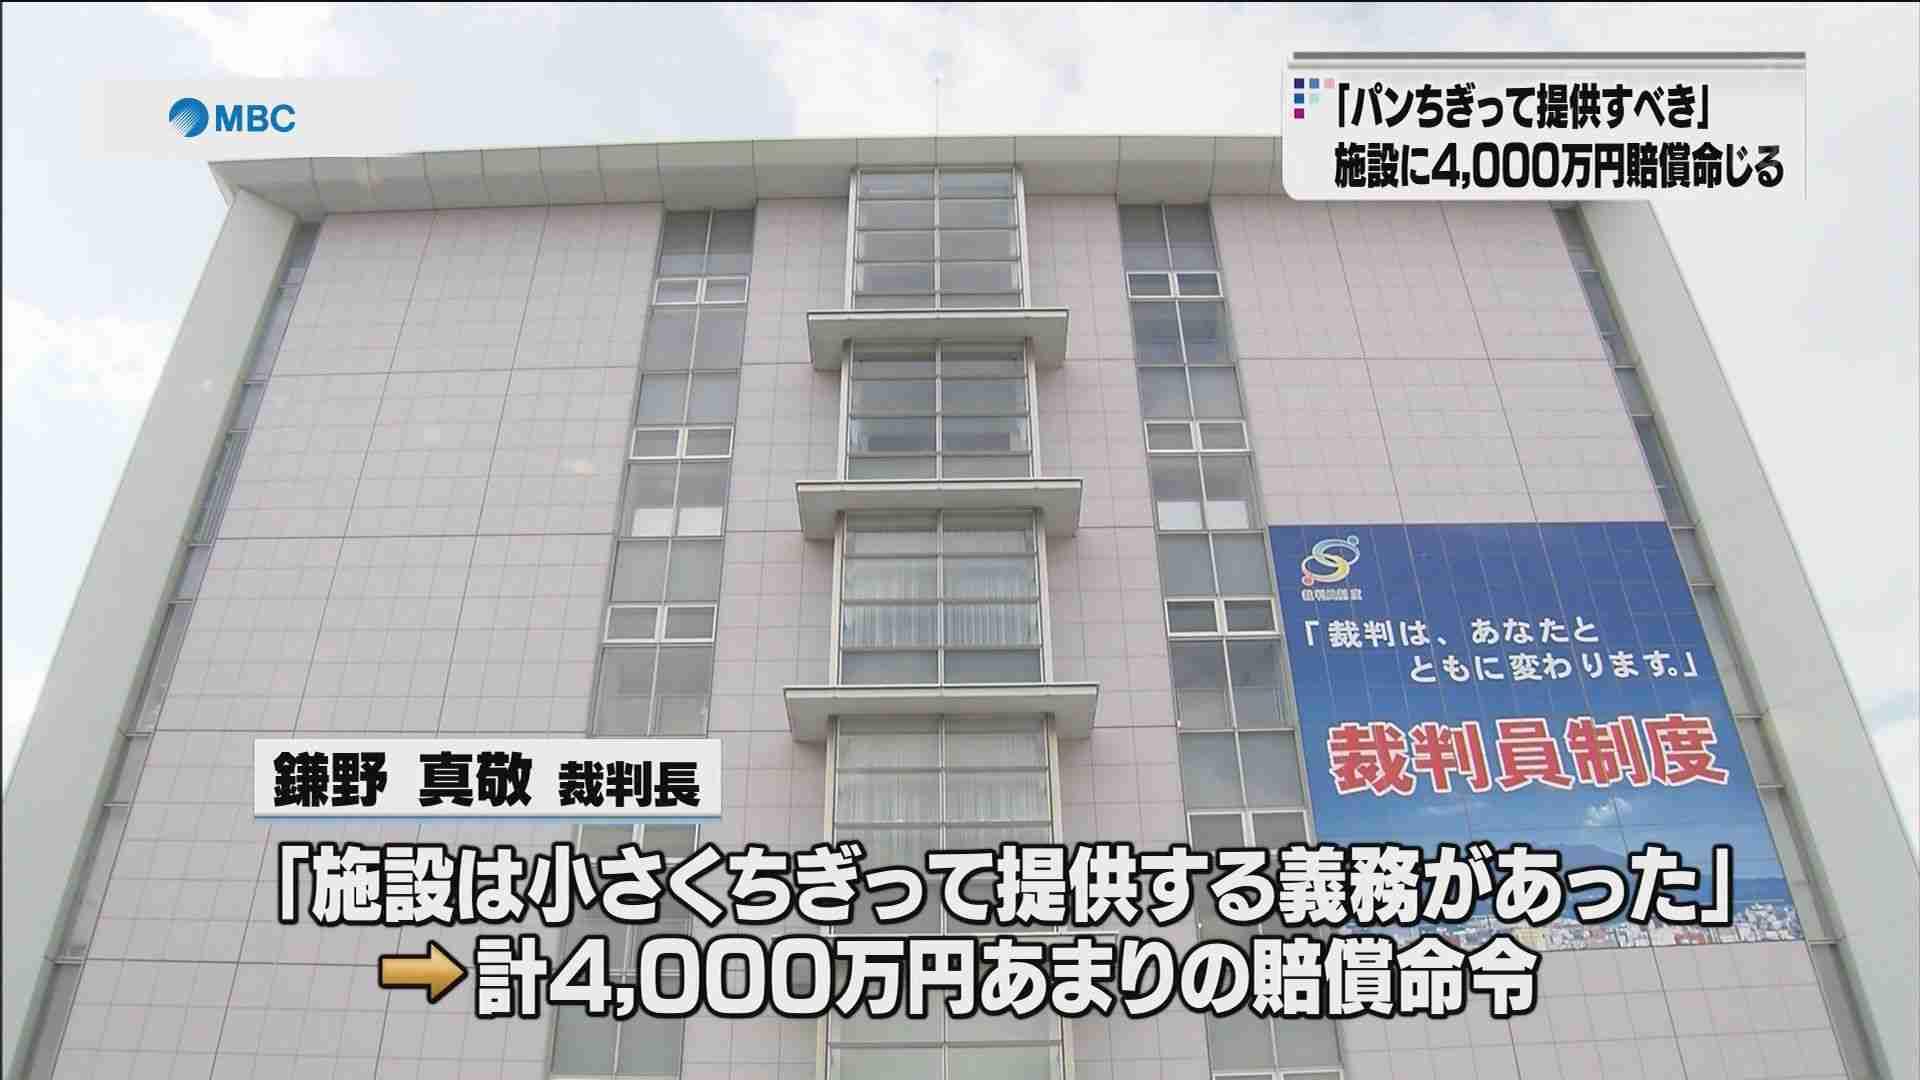 MBCニュース | 「パンちぎって提供すべき」介護老人施設に約4000万円賠償判決